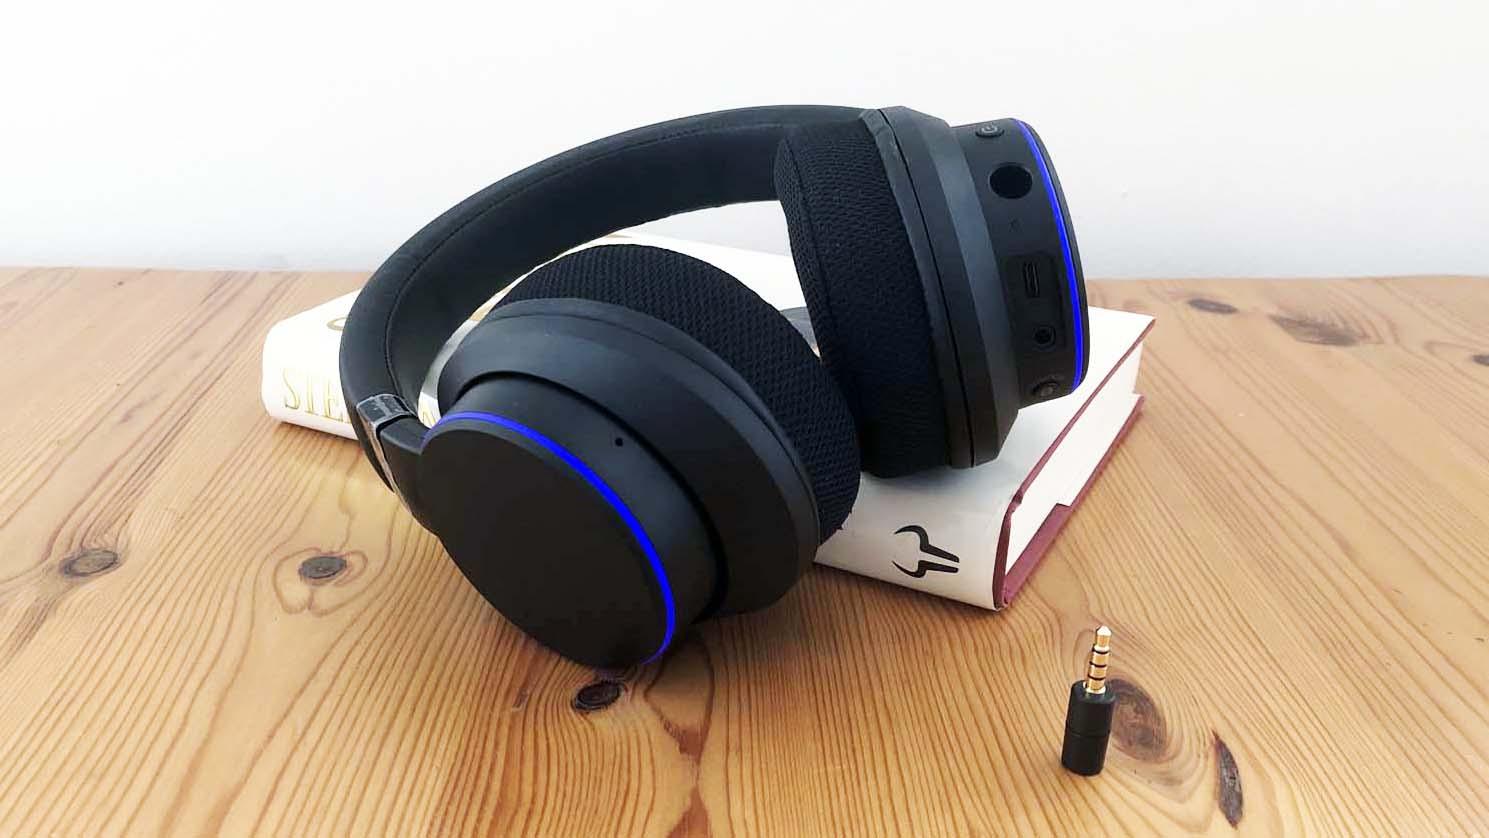 Una foto de los auriculares Creative SXFI Air.